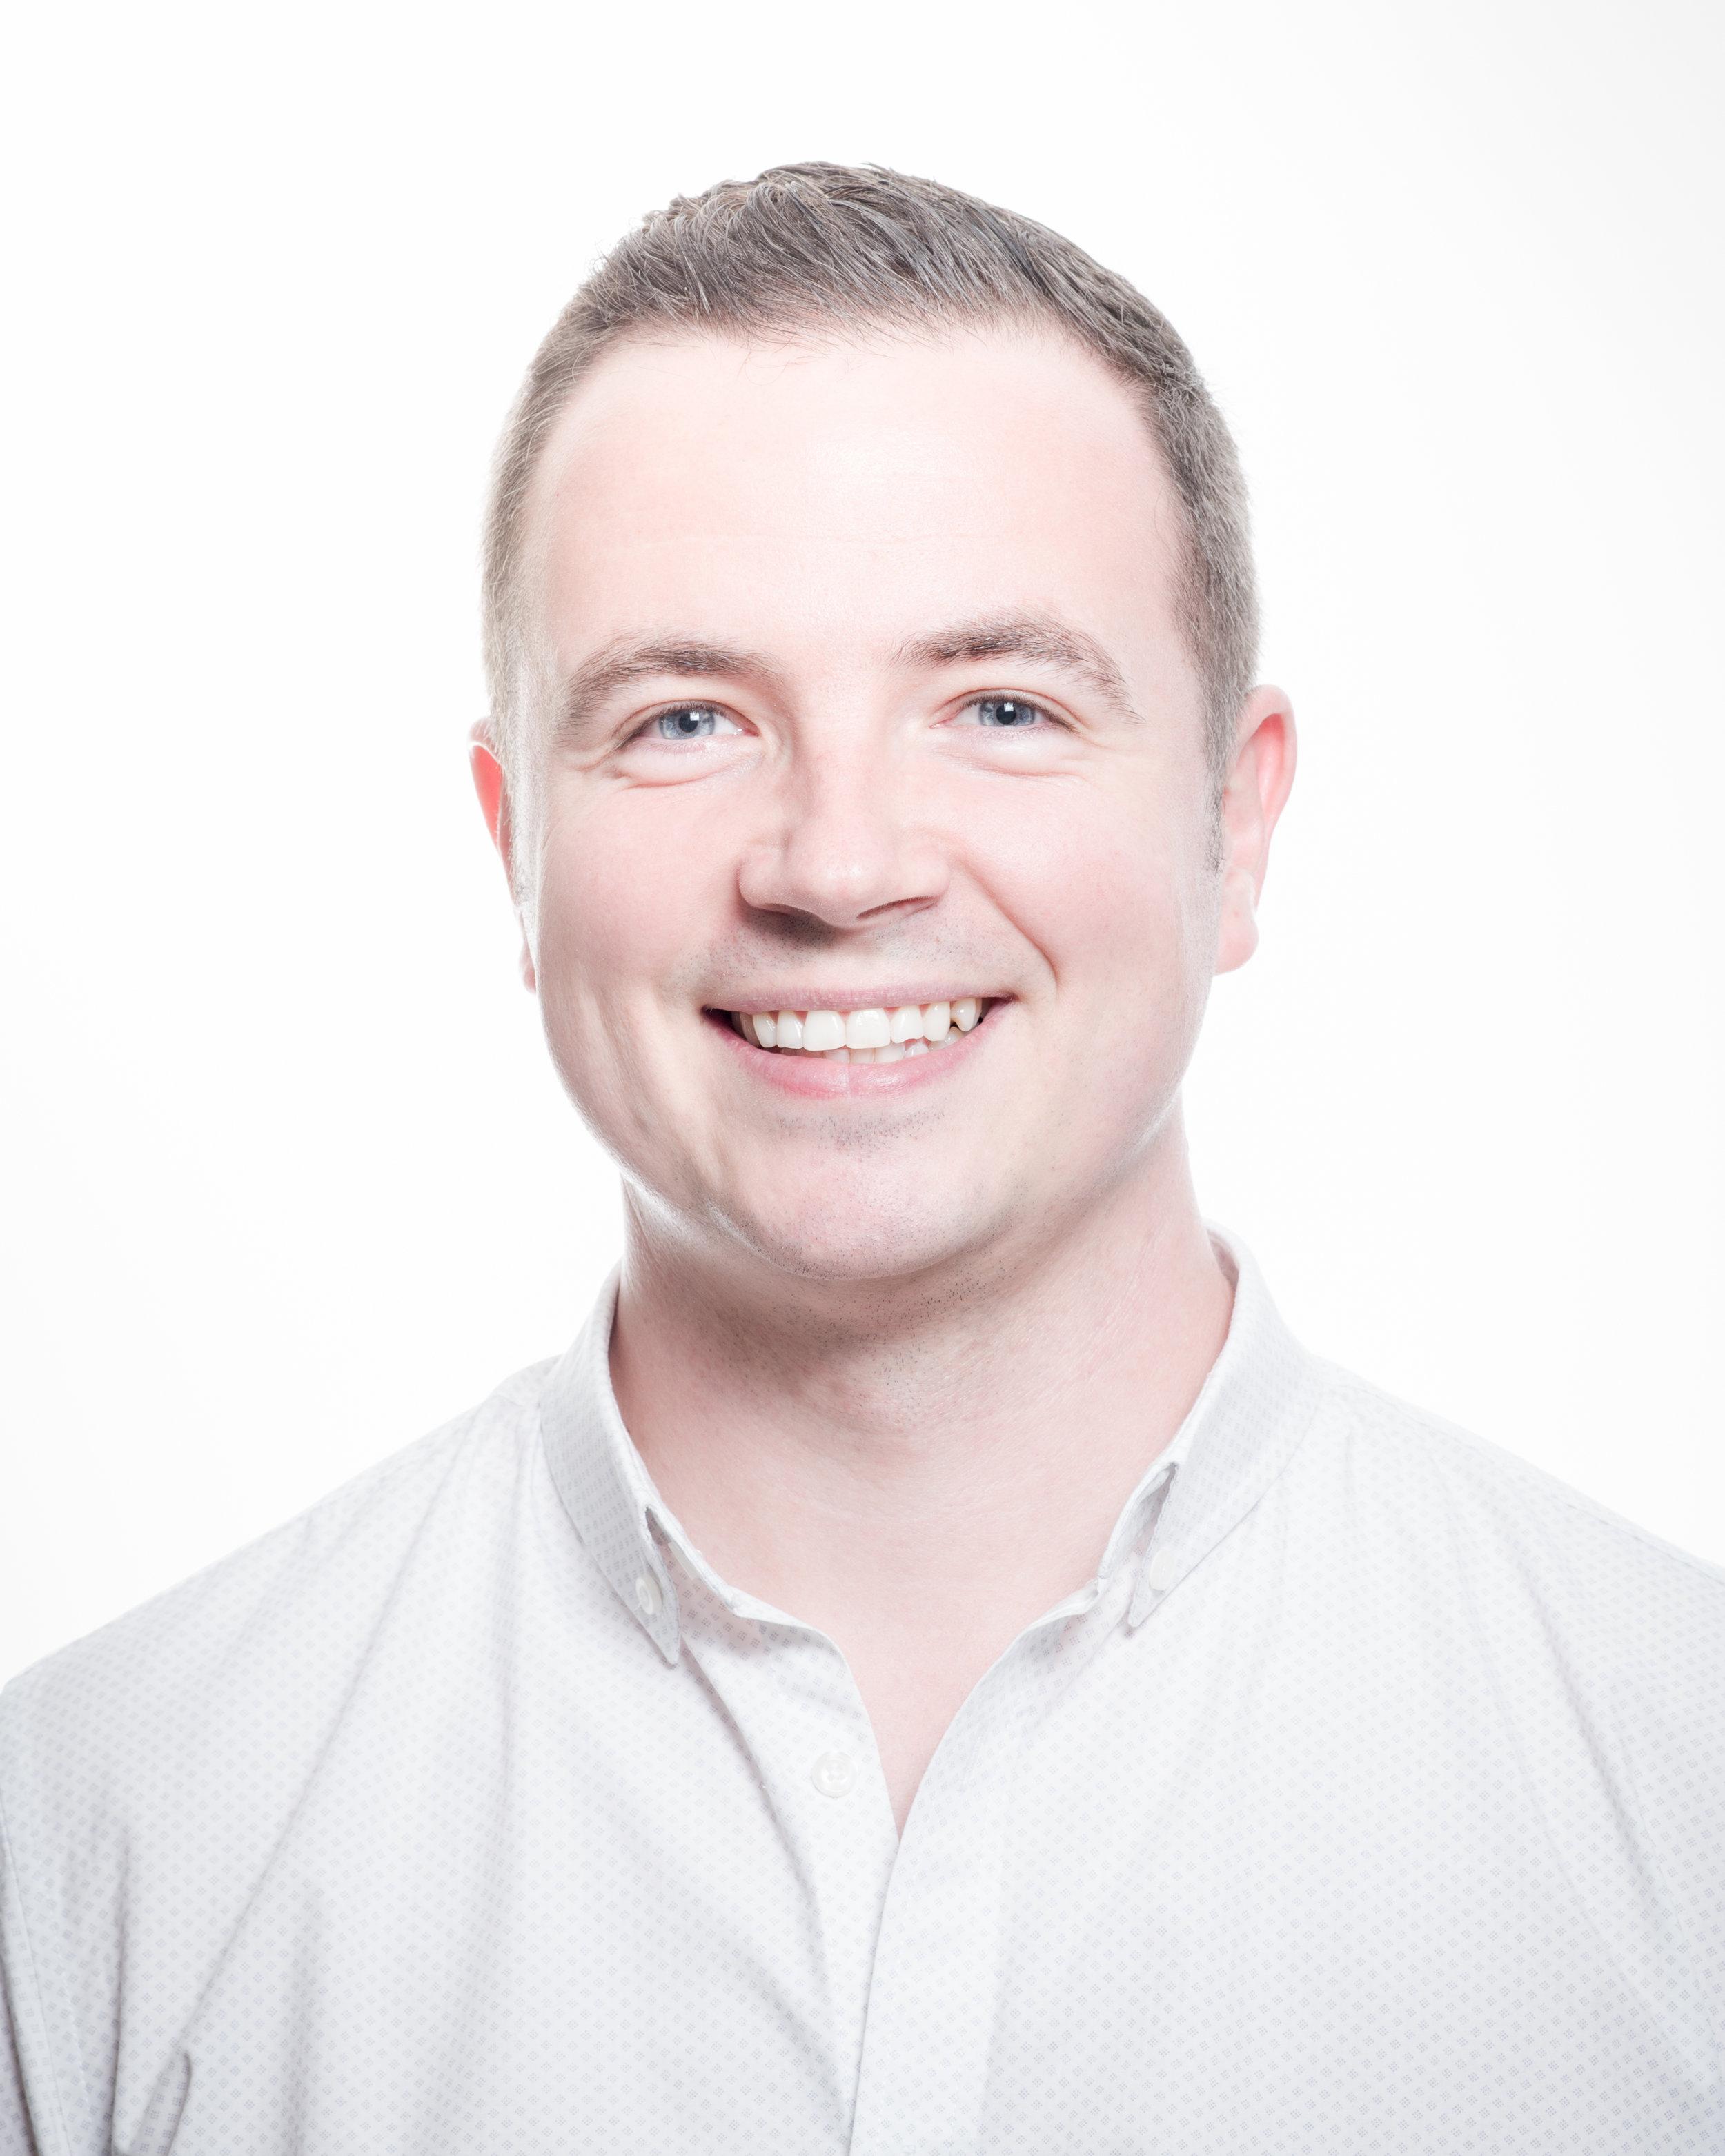 Ian Ormesher - Medical Recruitment Specialistian@prescript.com.au1300 755 498